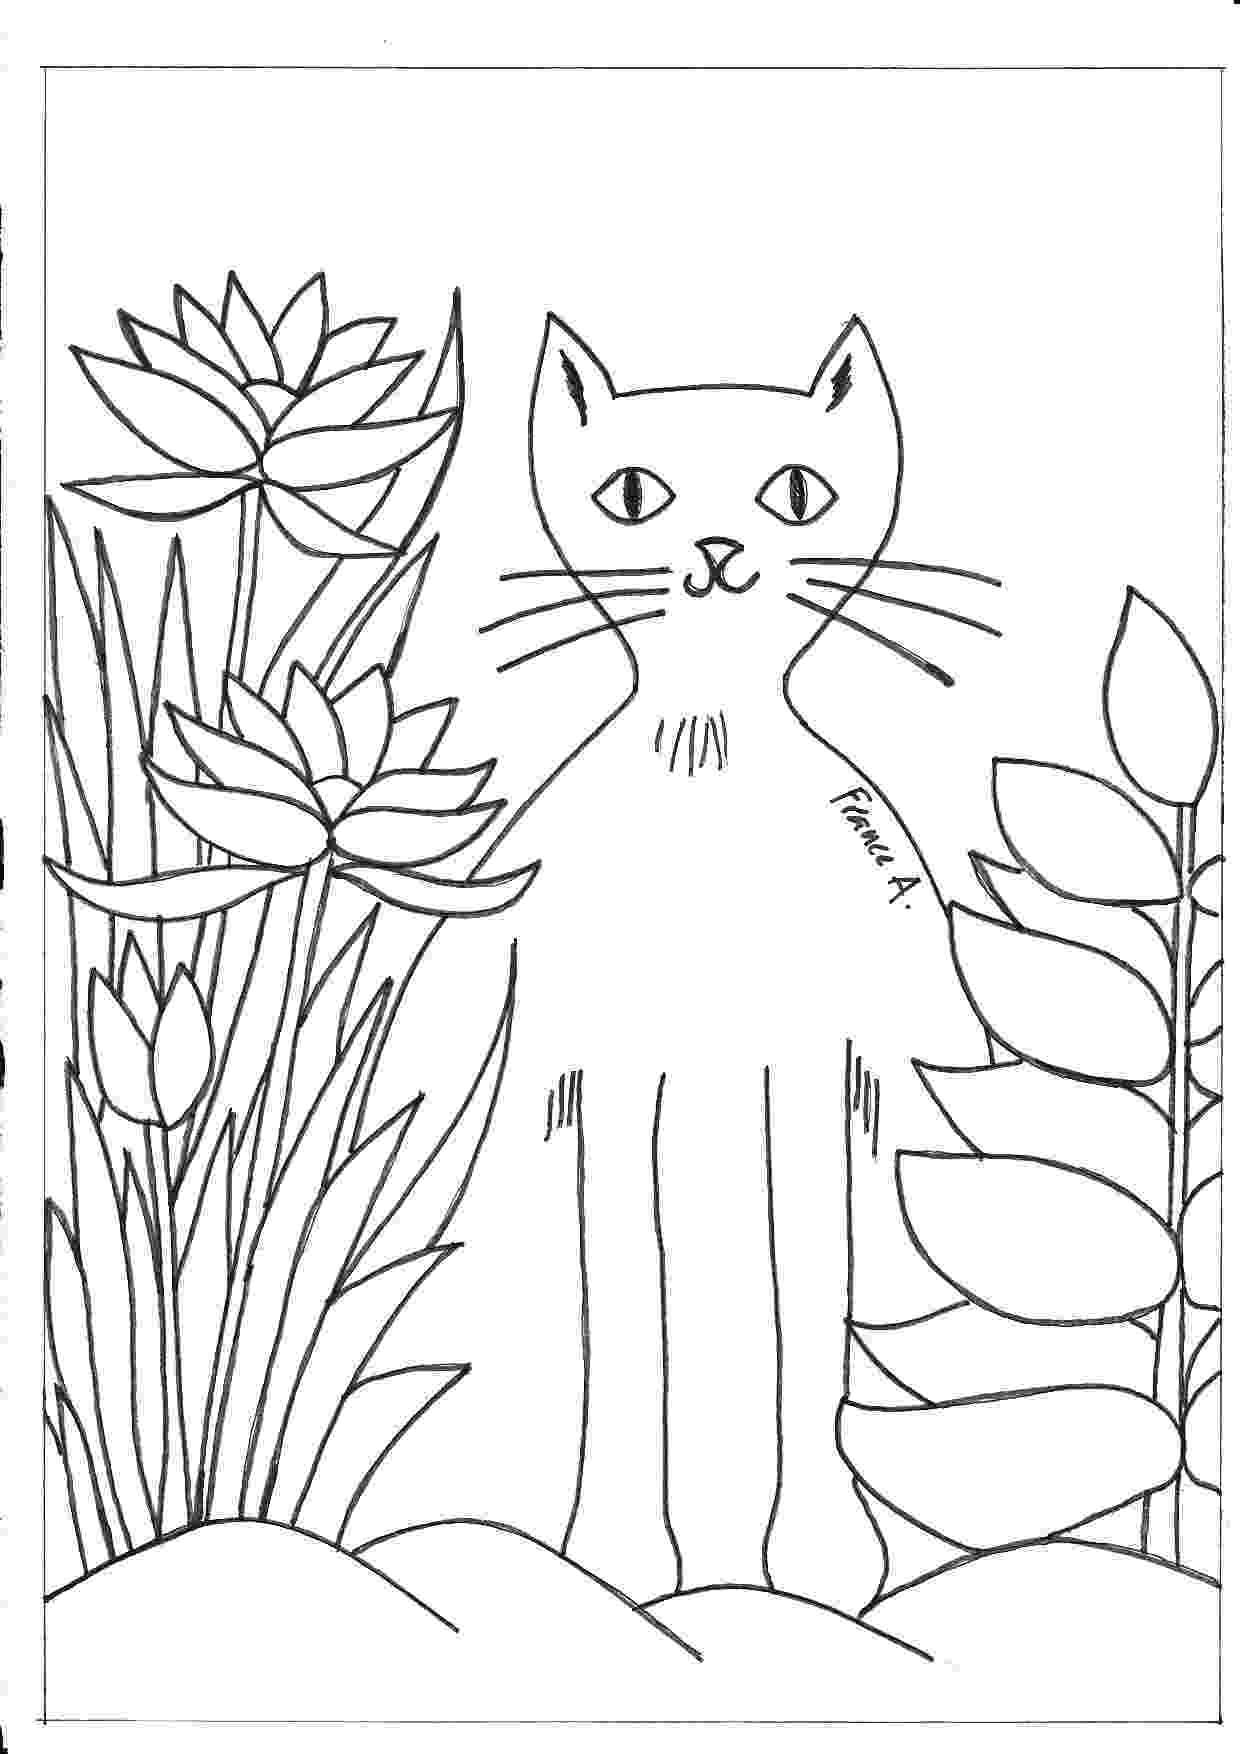 henri rousseau coloring pages romero britto coloring pages free coloring pages henri pages coloring rousseau